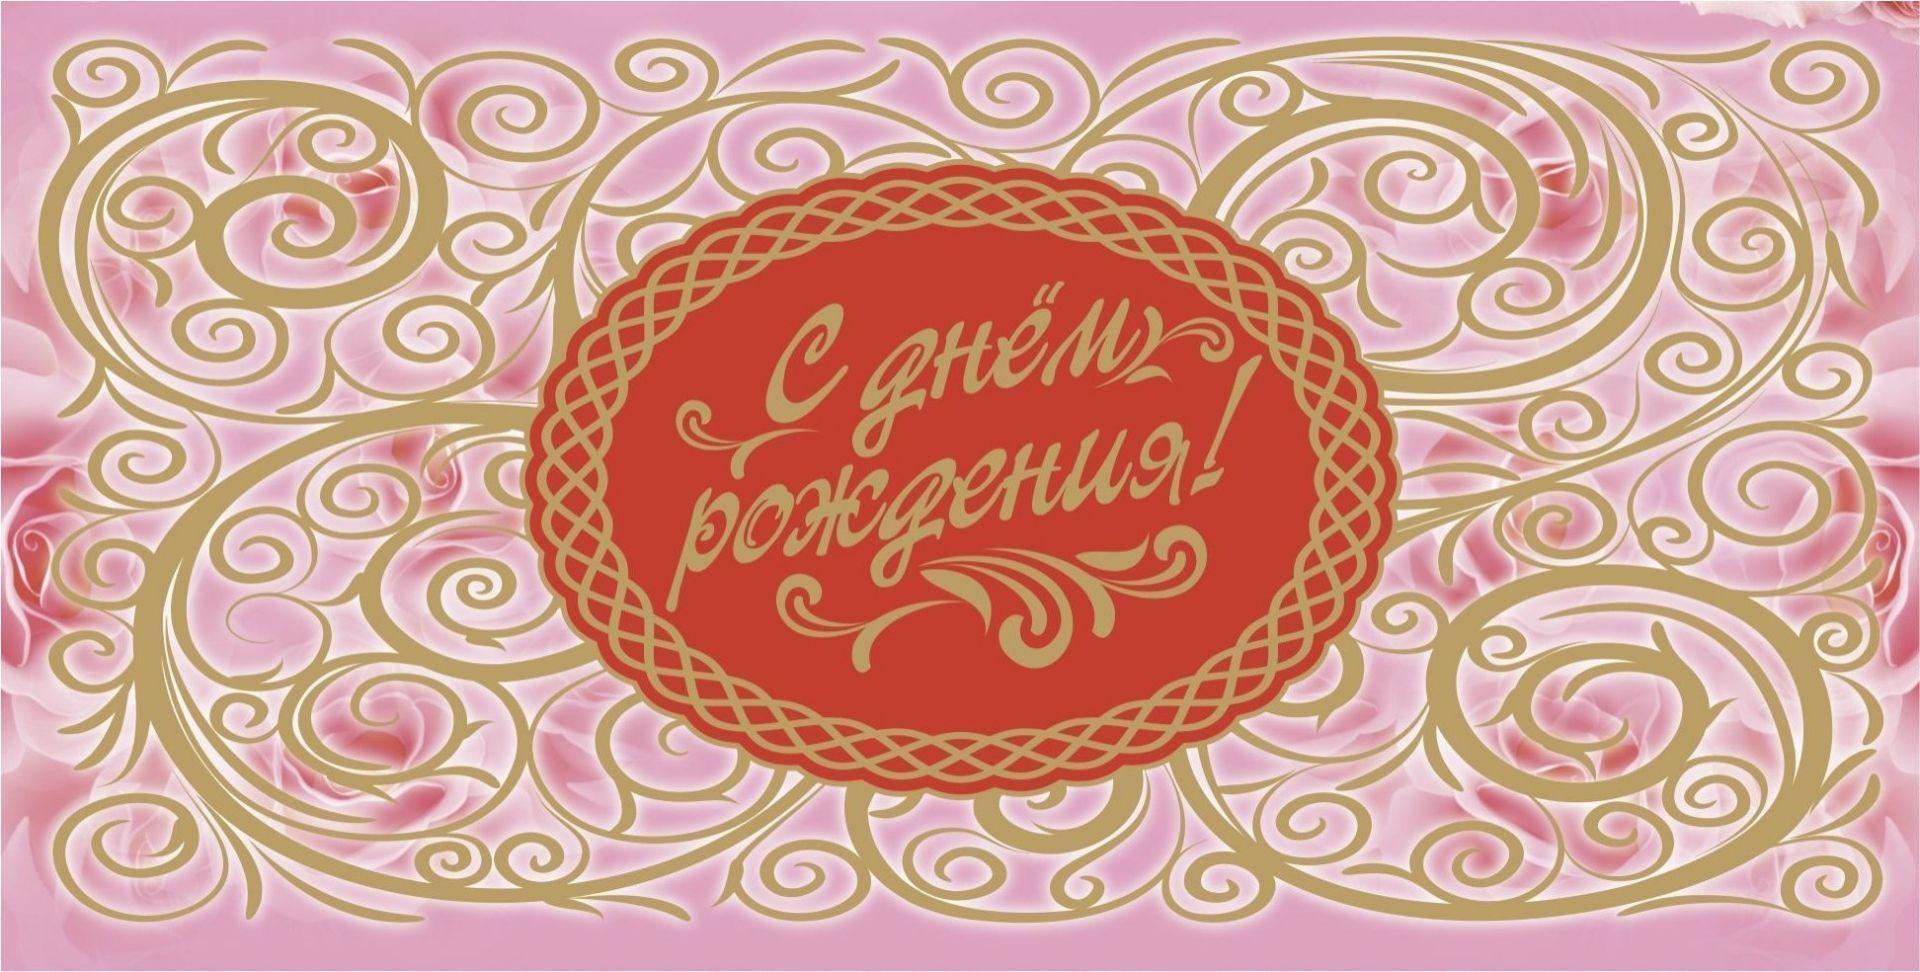 """Открытка-конверт для денег """"С днём рождения!"""" (женская тематика)"""